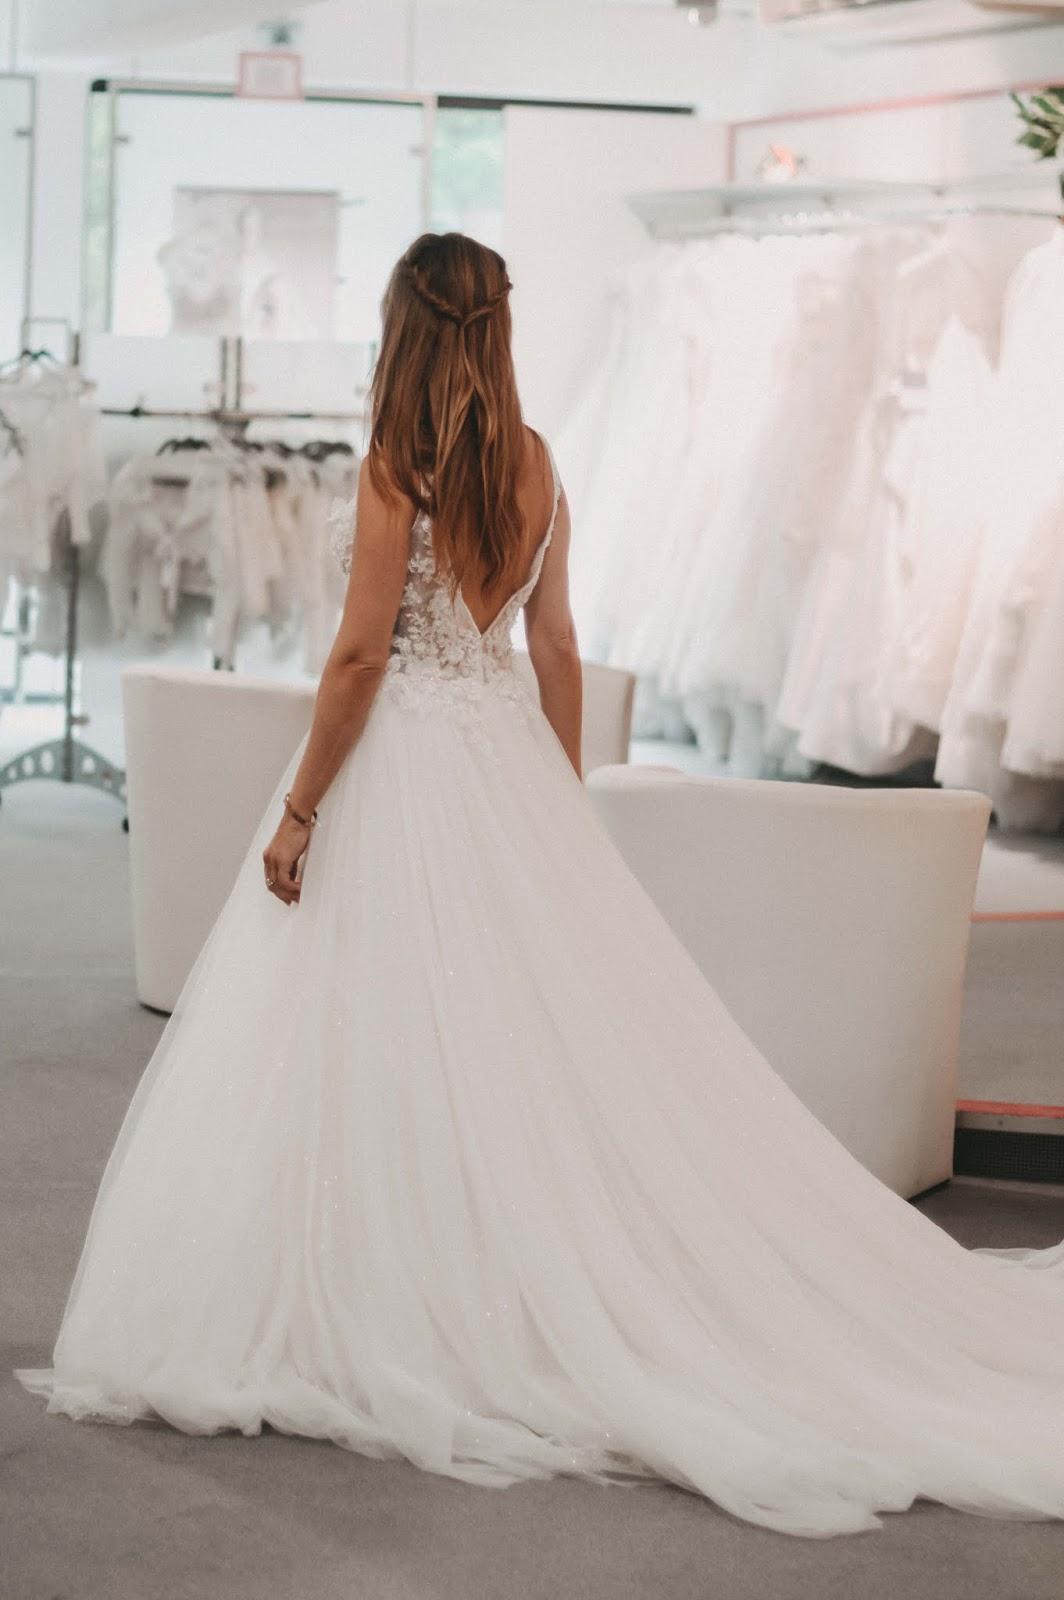 Fashionstylebyjohanna-Hochzeitskleid-Brautmoden-Brand-Hochteitskleider-Heiraten